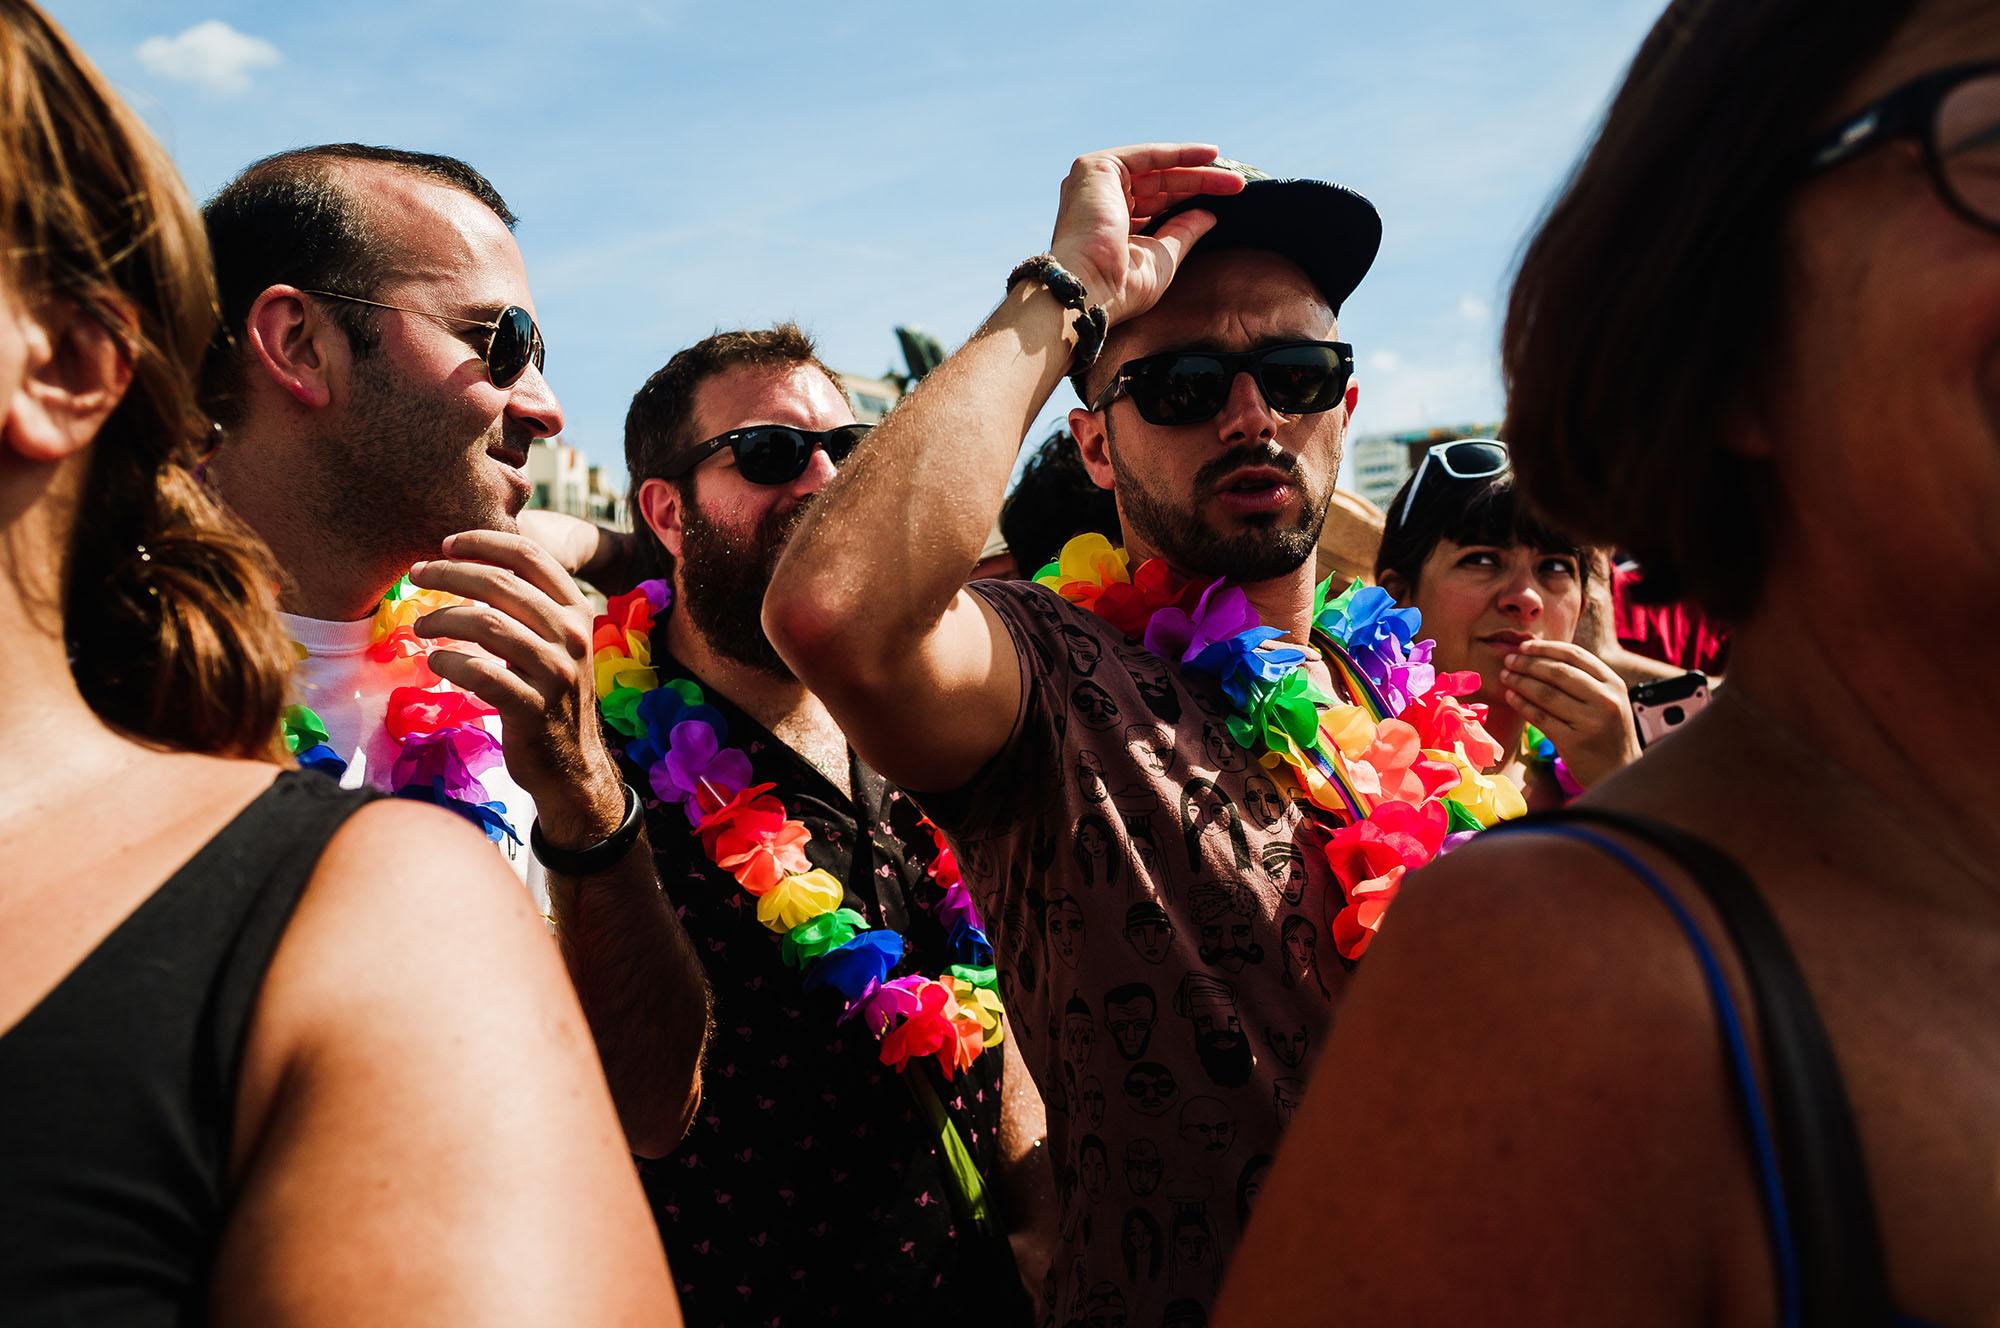 pride parade spectators